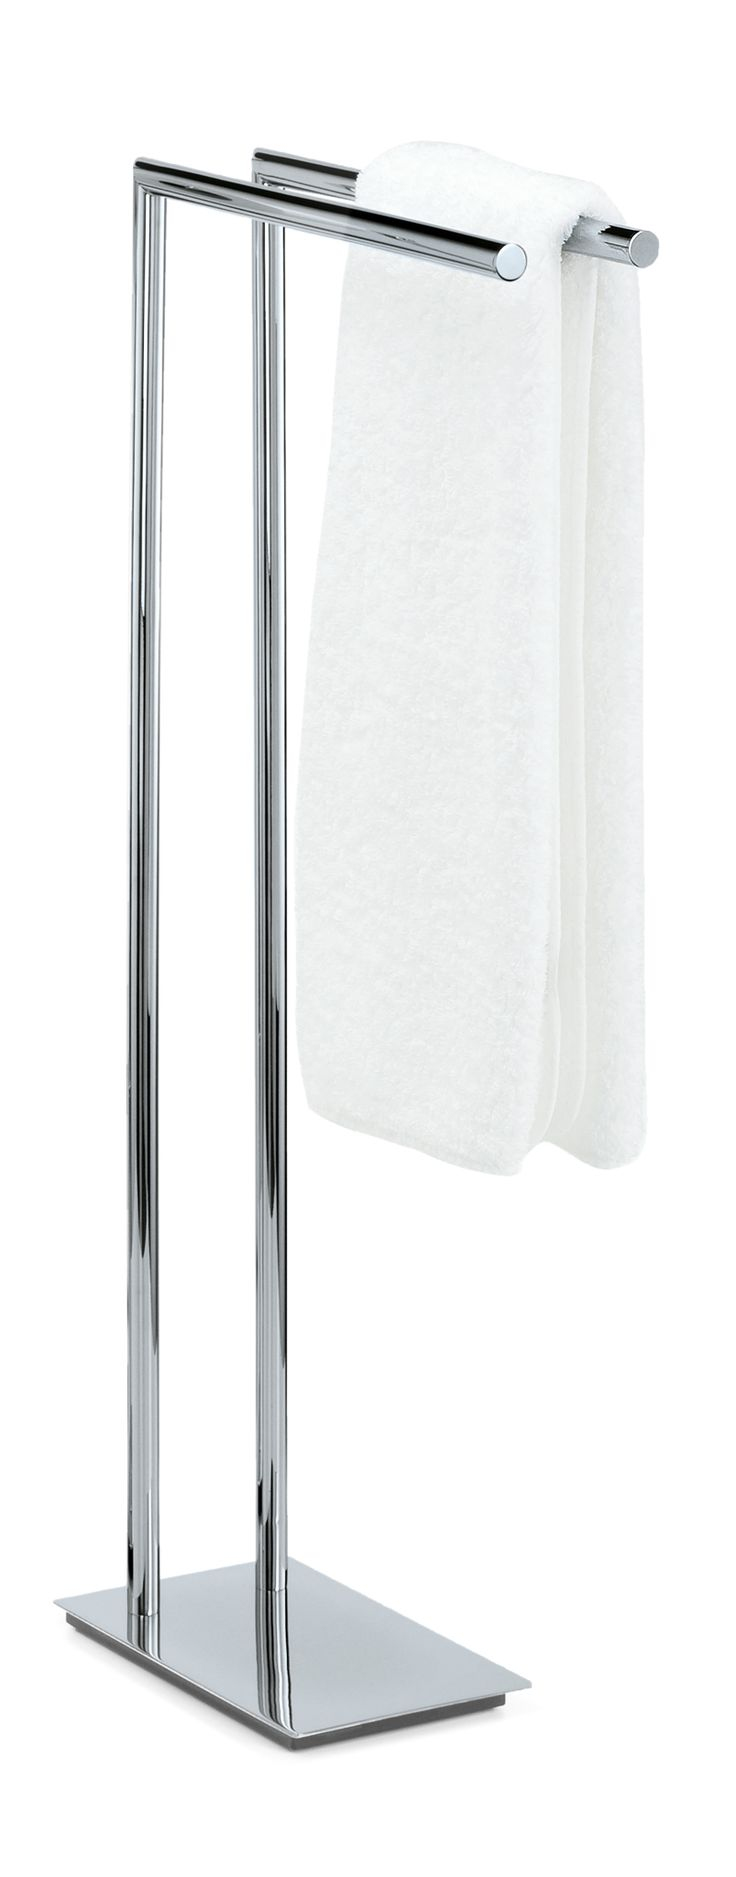 Best 25 Towel Racks Ideas On Pinterest Towel Holder Bathroom Half Bathroom Decor And Towel